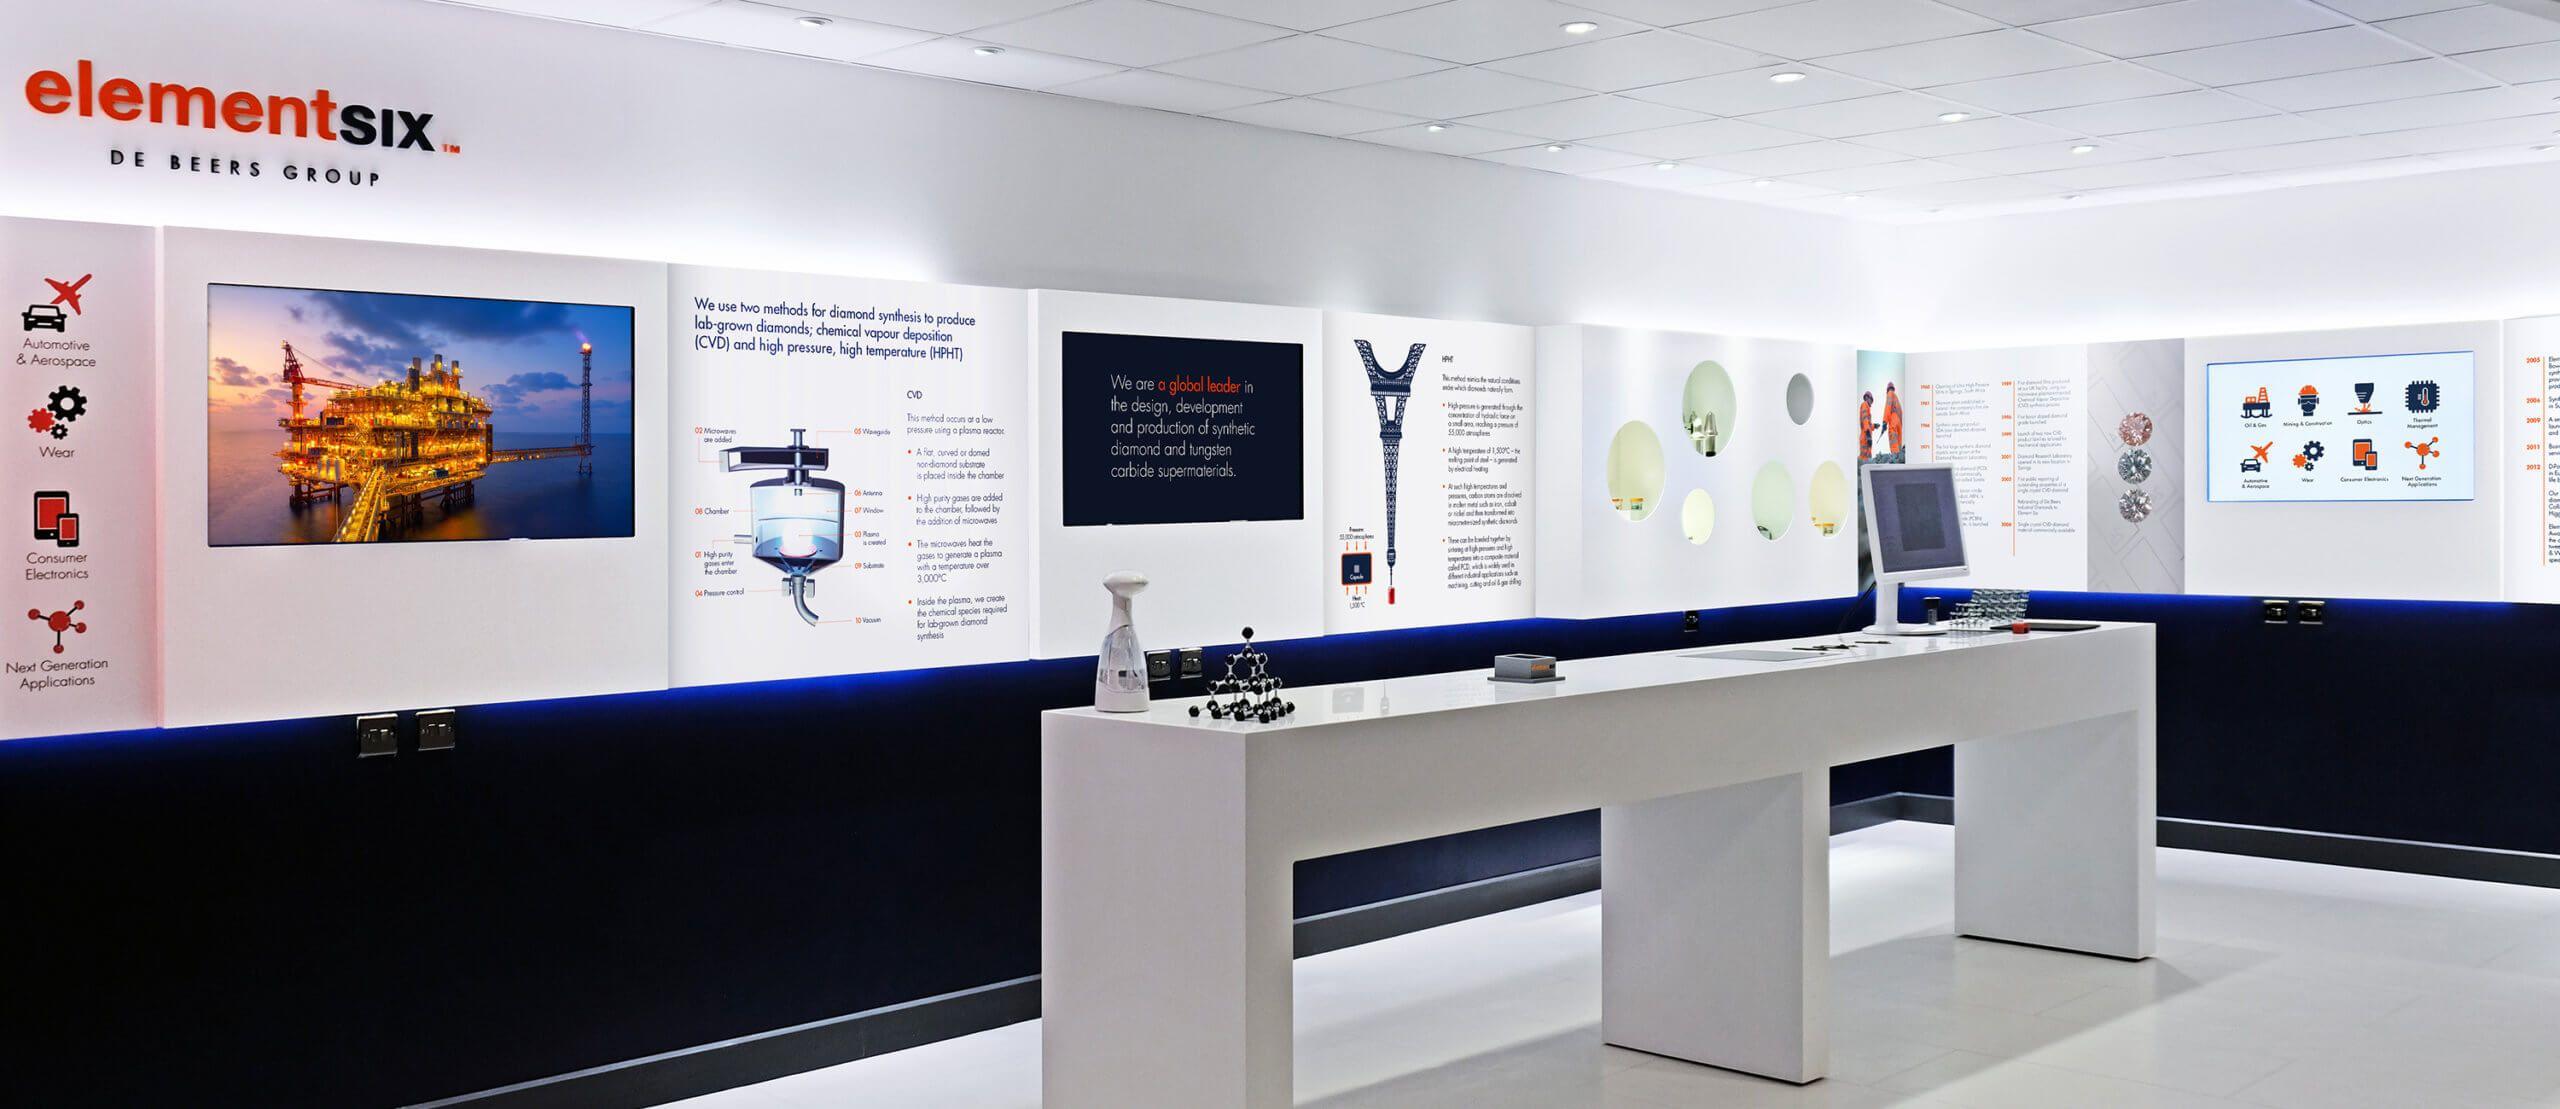 A PW designed elementsix exhibition space